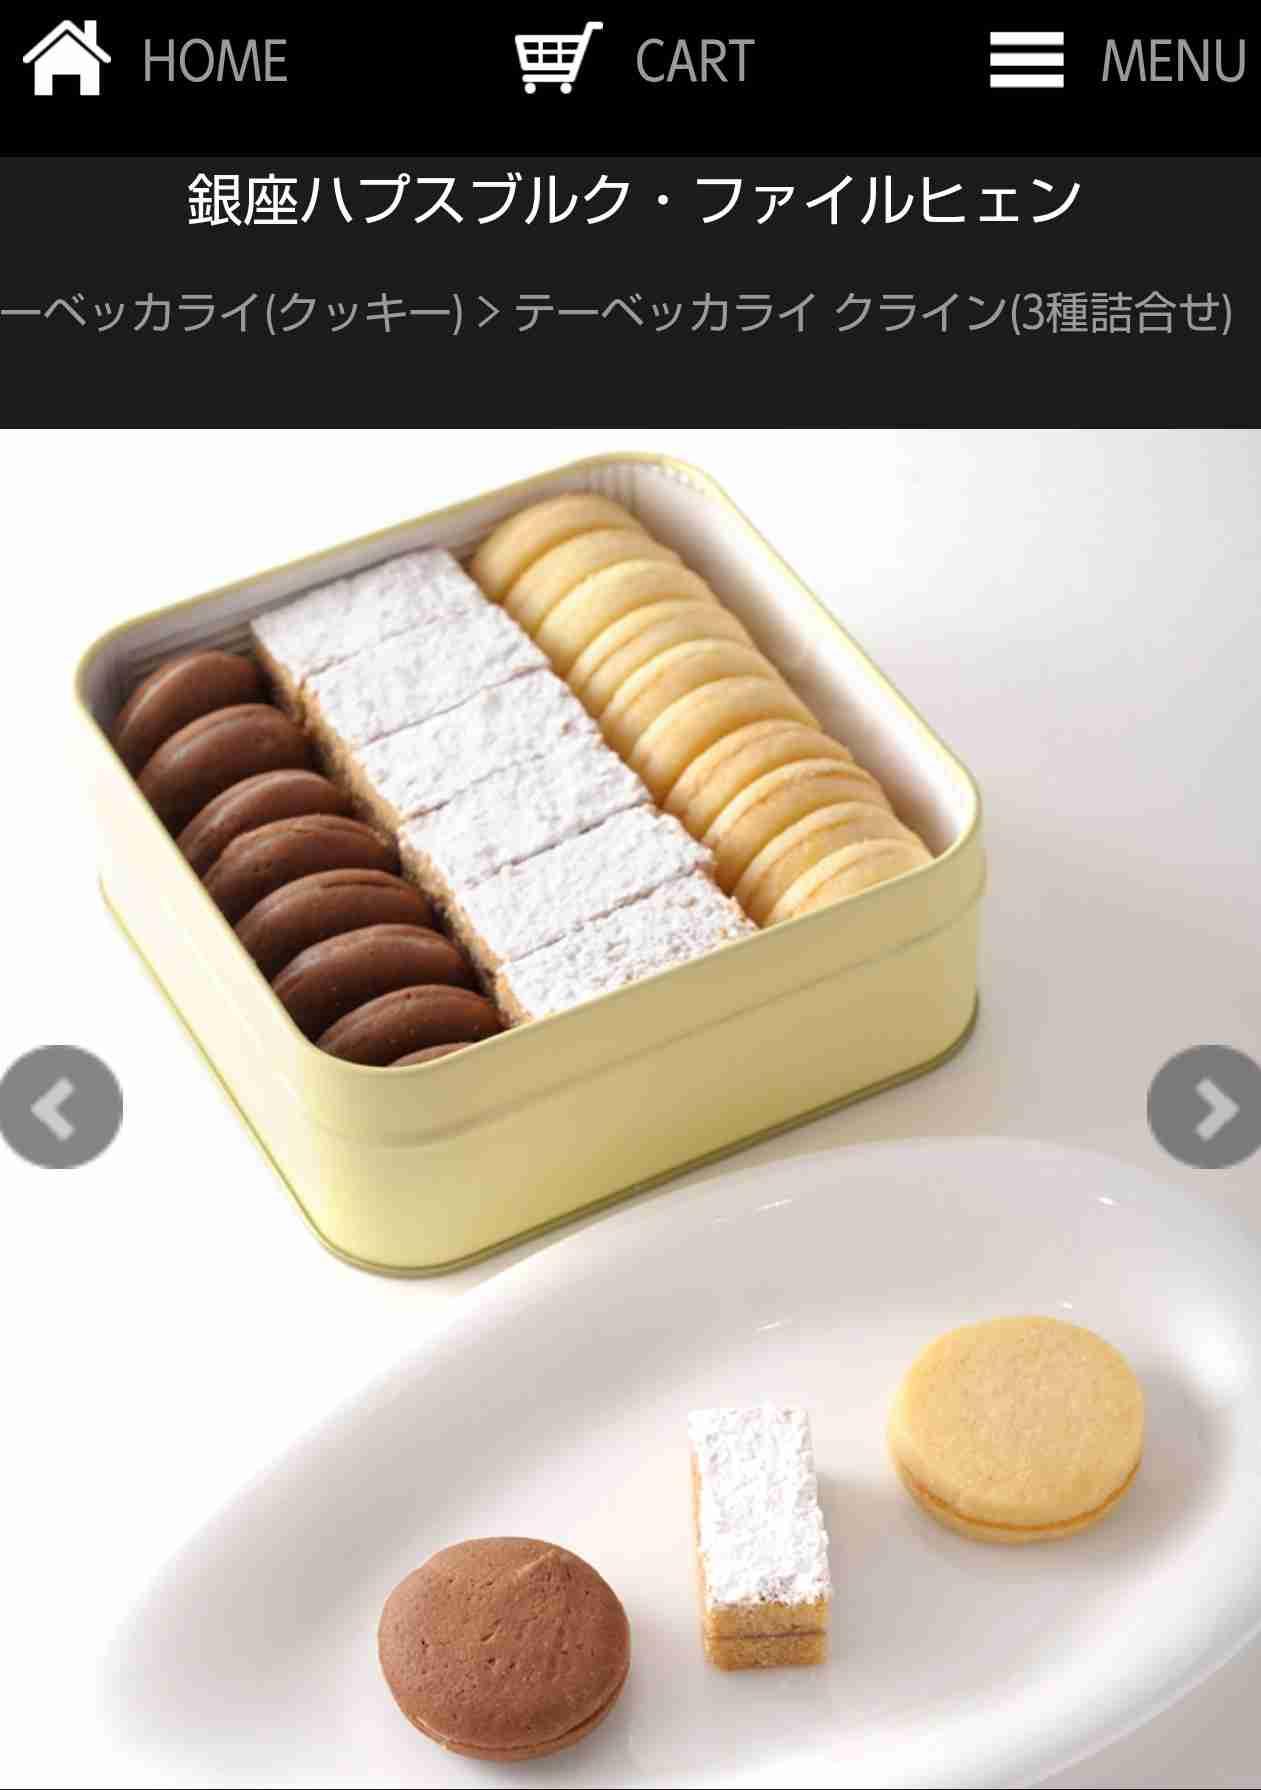 【お取り寄せ】おすすめ洋菓子教えてください。